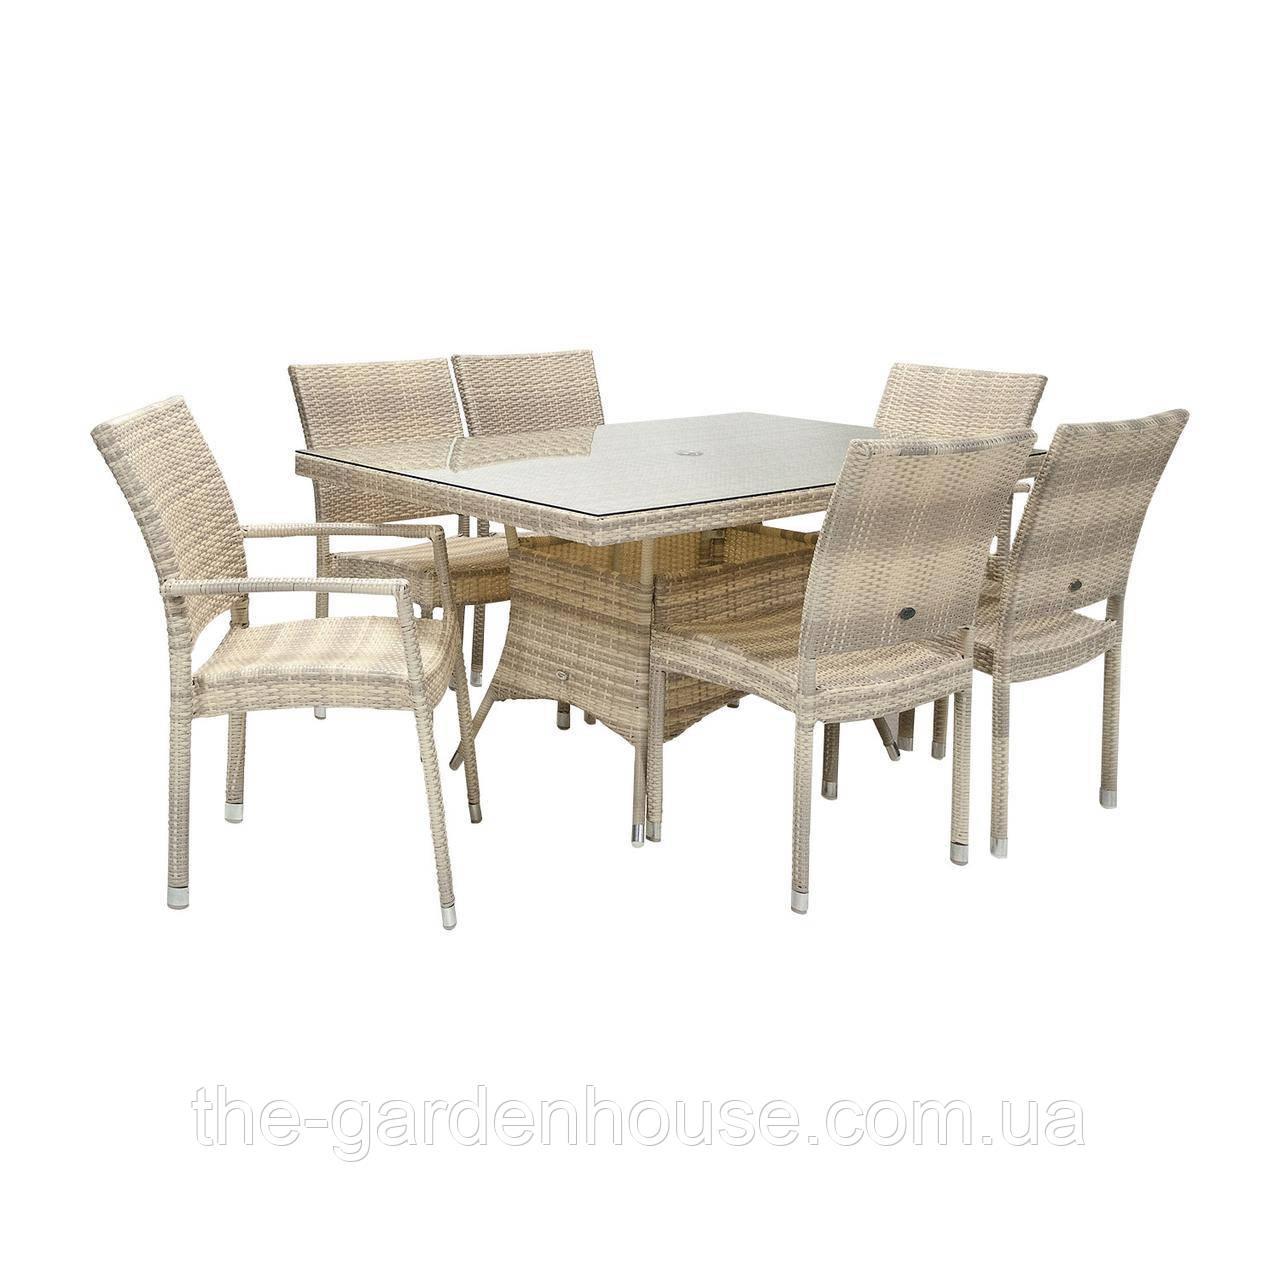 Столовый комплект садовой мебели из искусственного ротанга Викер: стол 150 см и 6 стульев светло-бежевый